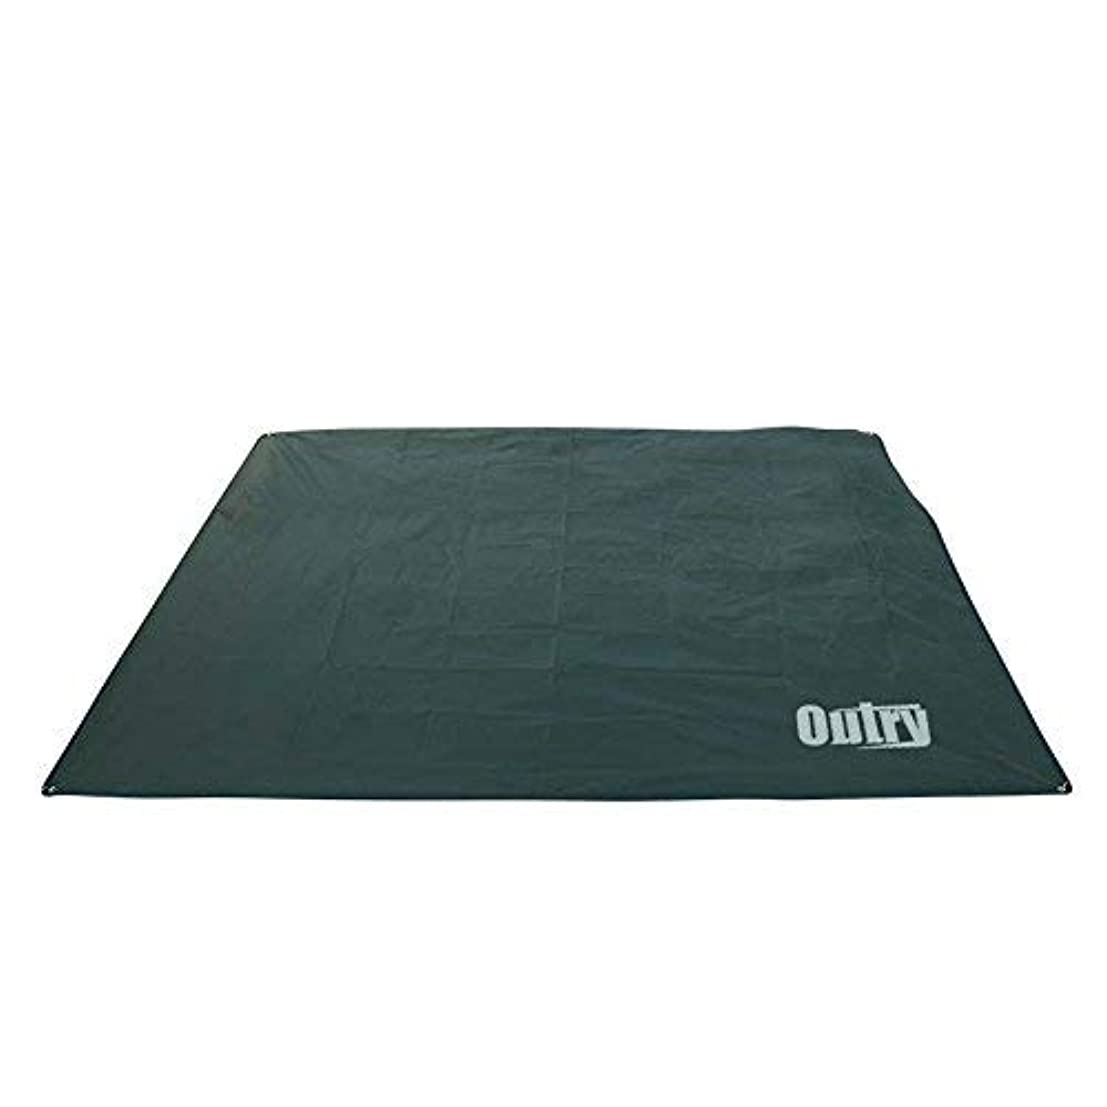 帳面スタンド承認するOutry Waterproof Multi-Purpose Tarp - Tent Stakes Included - Green - L - 7.9ft x 7.2ft / 2.4m x 2.2m, Lightweight Camping Picnic Ground Sheet Cover Cloth Mat Footprint Rain Fly Shelter Tarpaulin [並行輸入品]